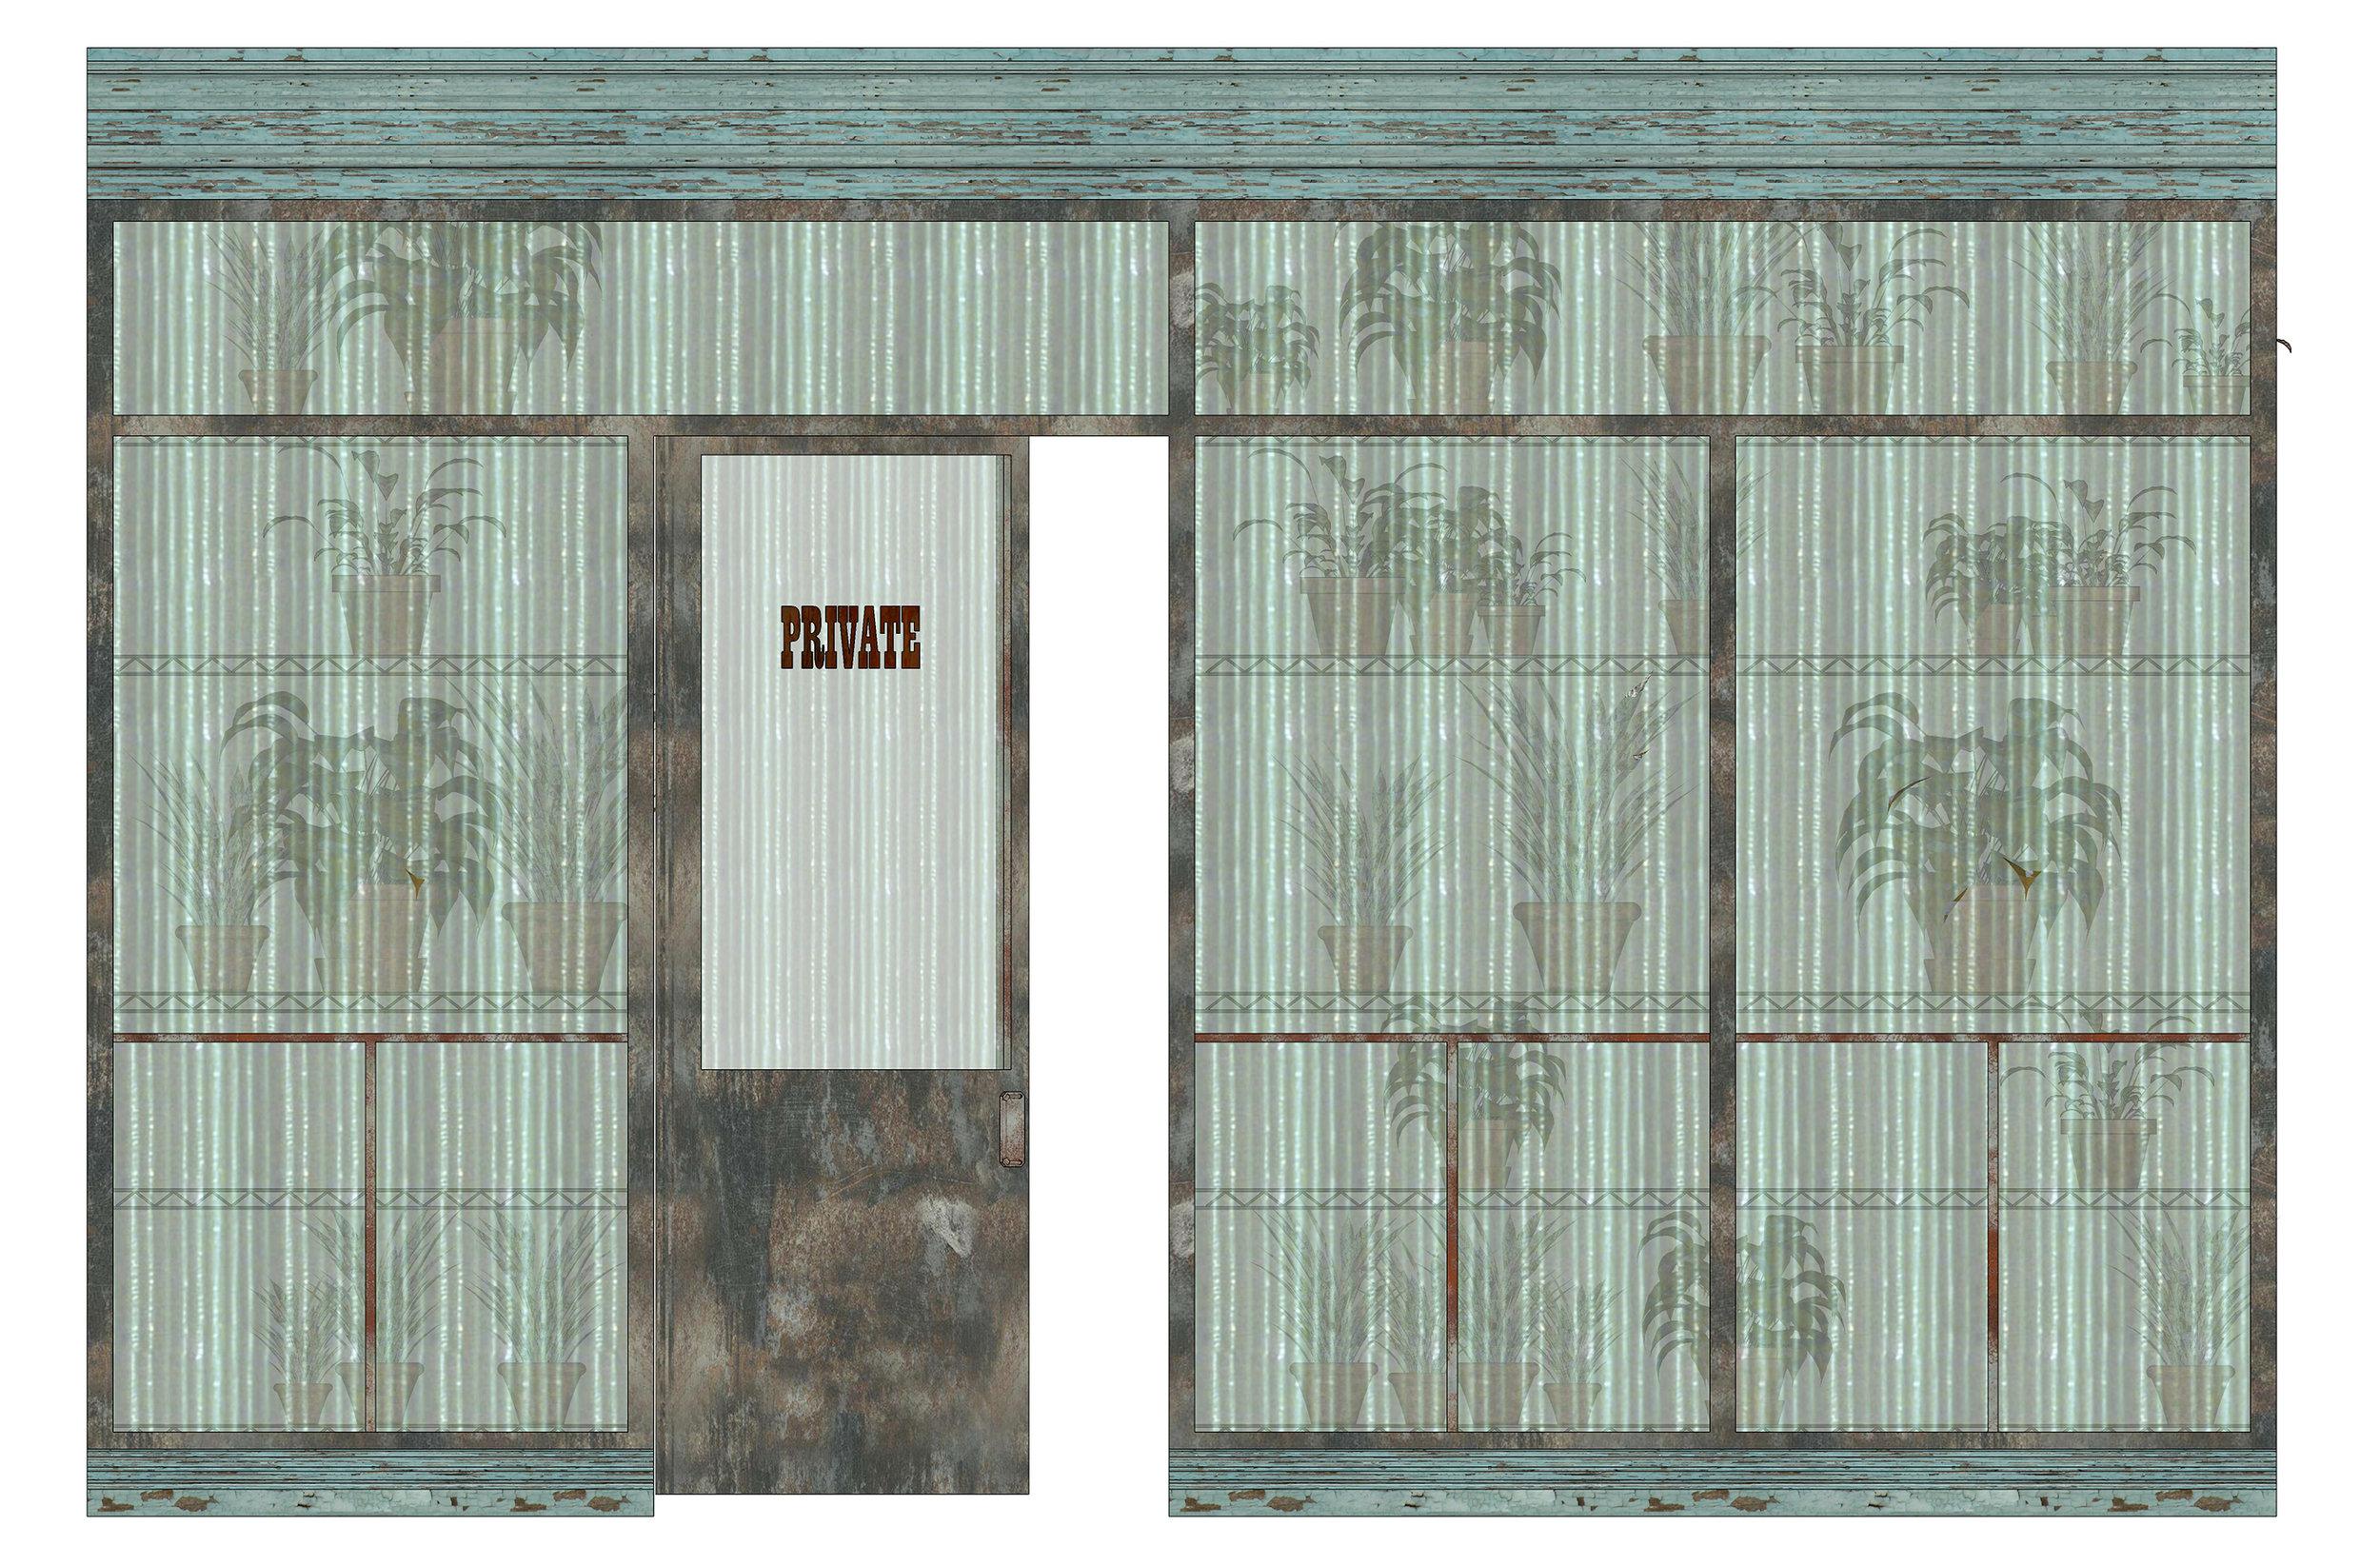 LSOH Shop Interior Parition Wall Elevation 1SMALLER.jpg